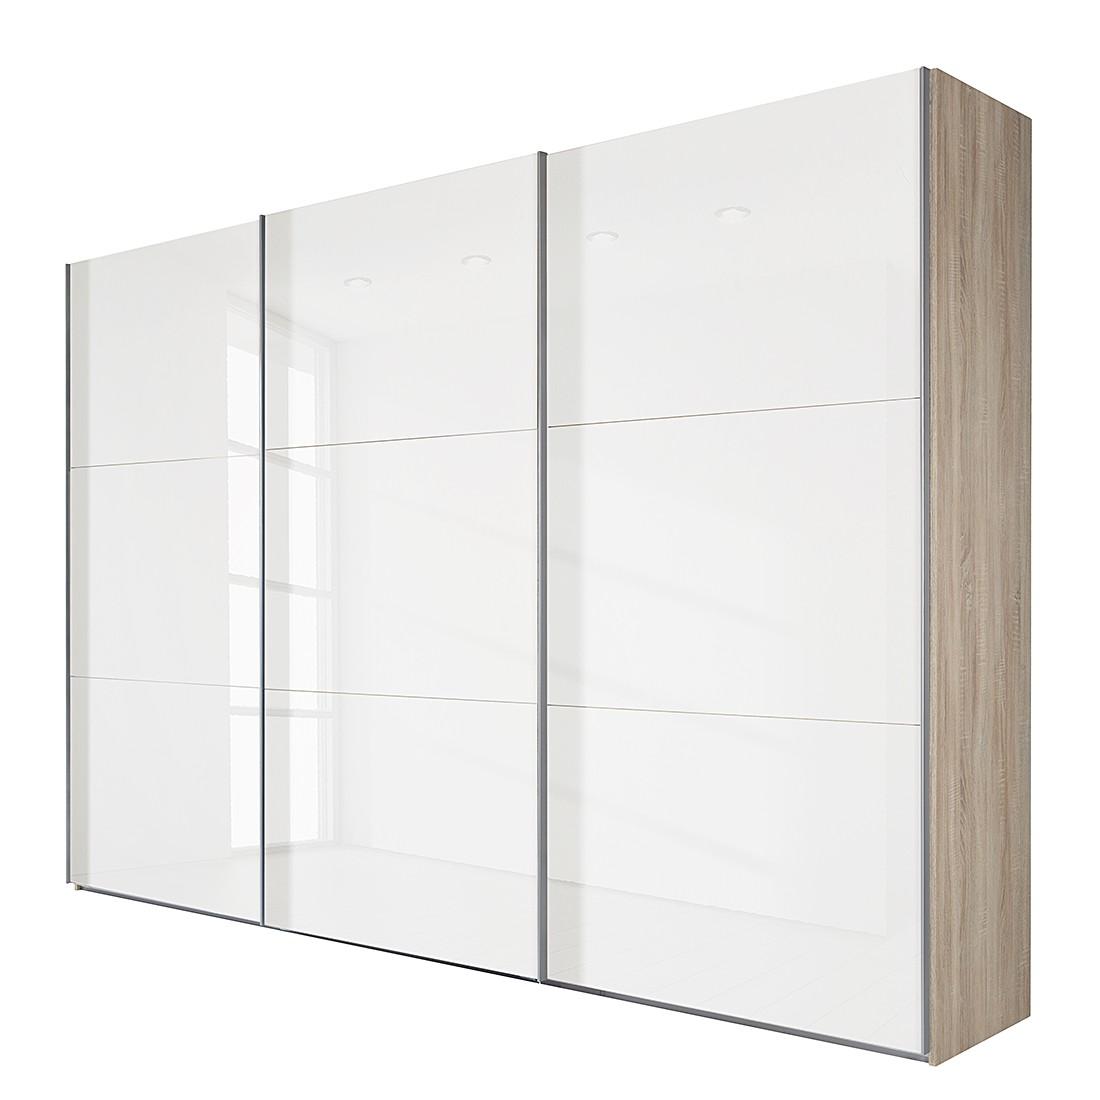 Armoire à portes coulissantes Medley I - Imitation chêne brut de sciage / Blanc - Largeur x hauteur